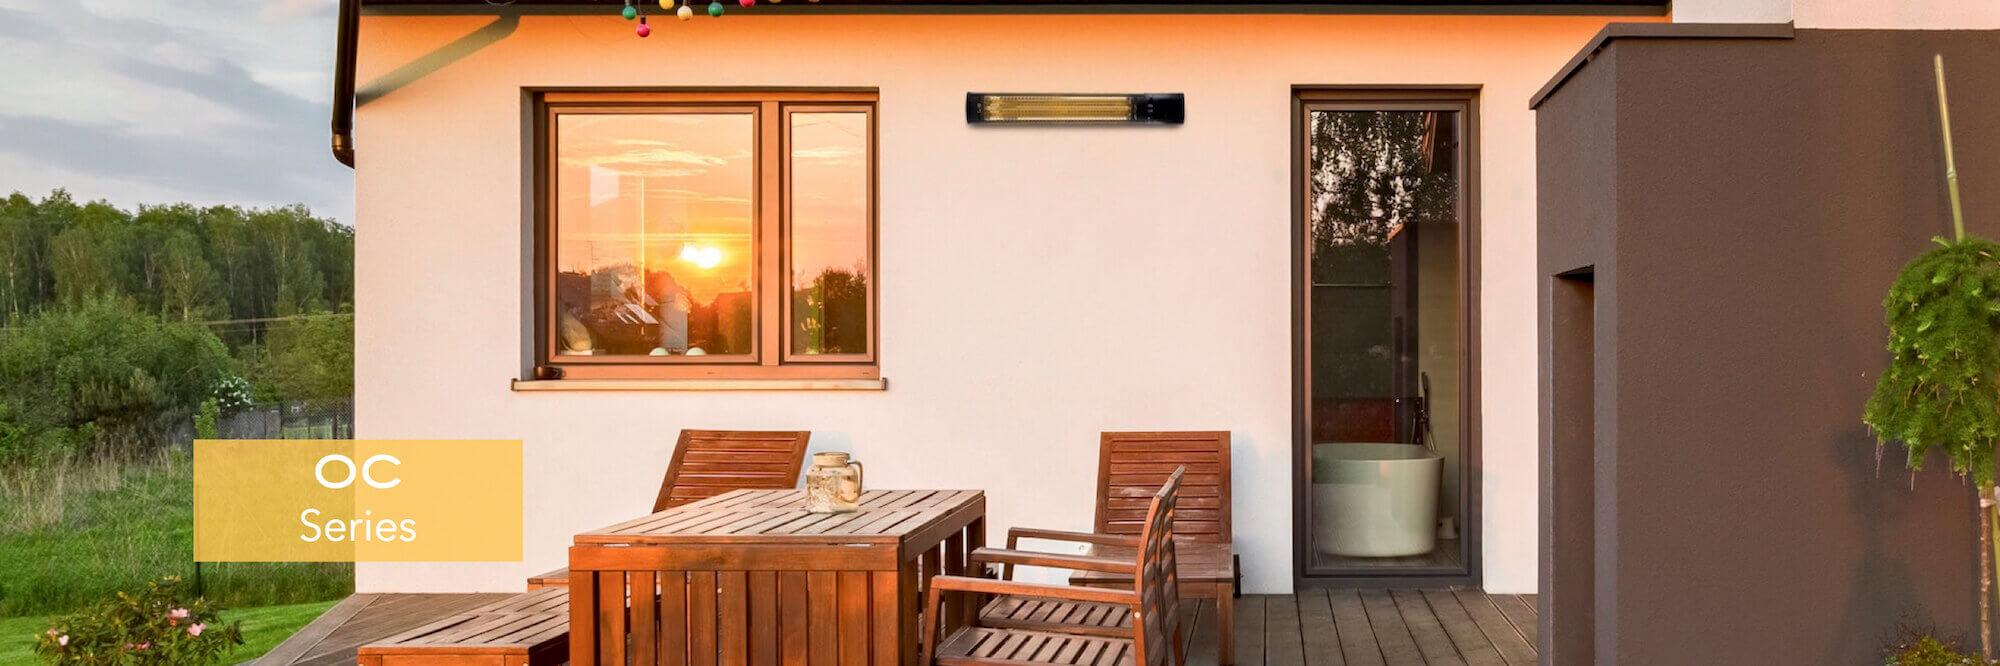 infrarotstrahler ausenbereich, infrarotstrahler für den außenbereich – die oc-serie - sundirect, Design ideen